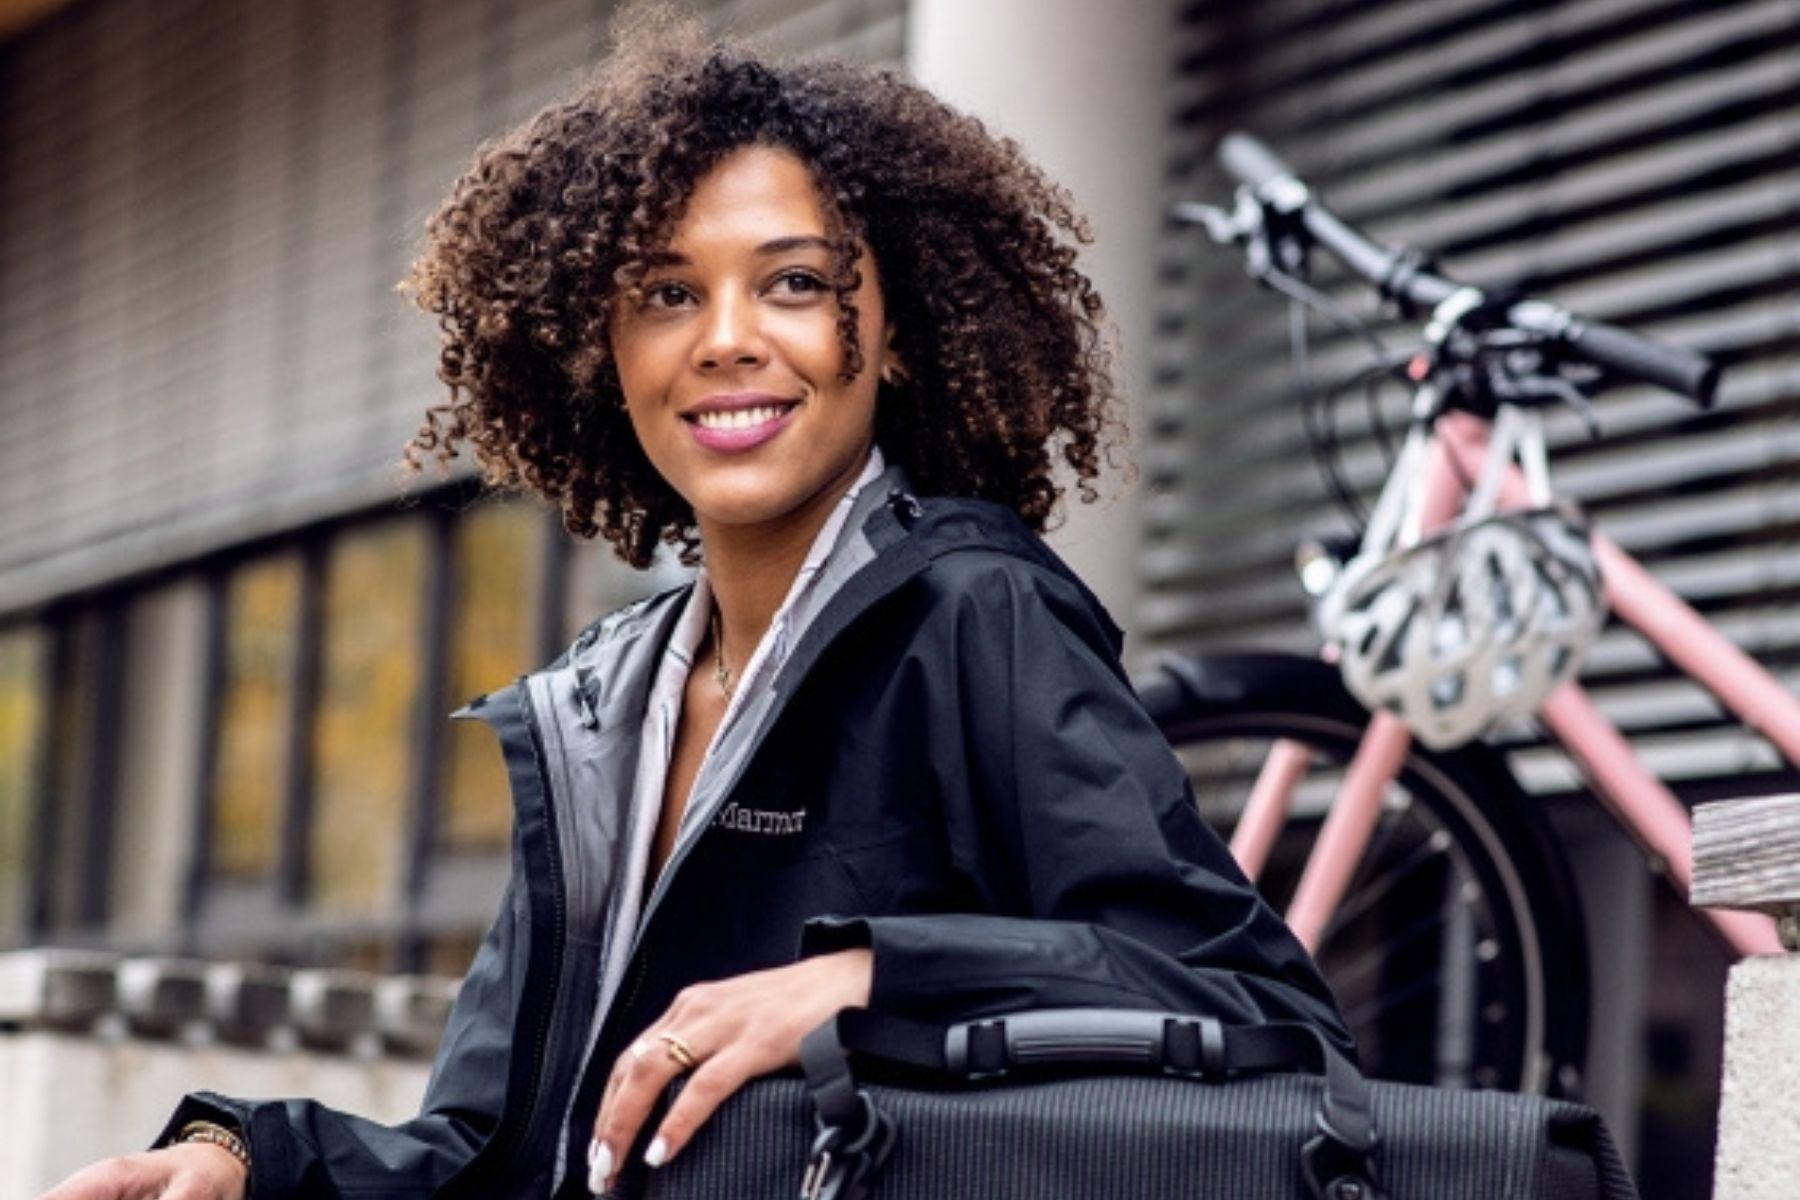 Weltfrauentag: Frauen an die Fahrradspitze